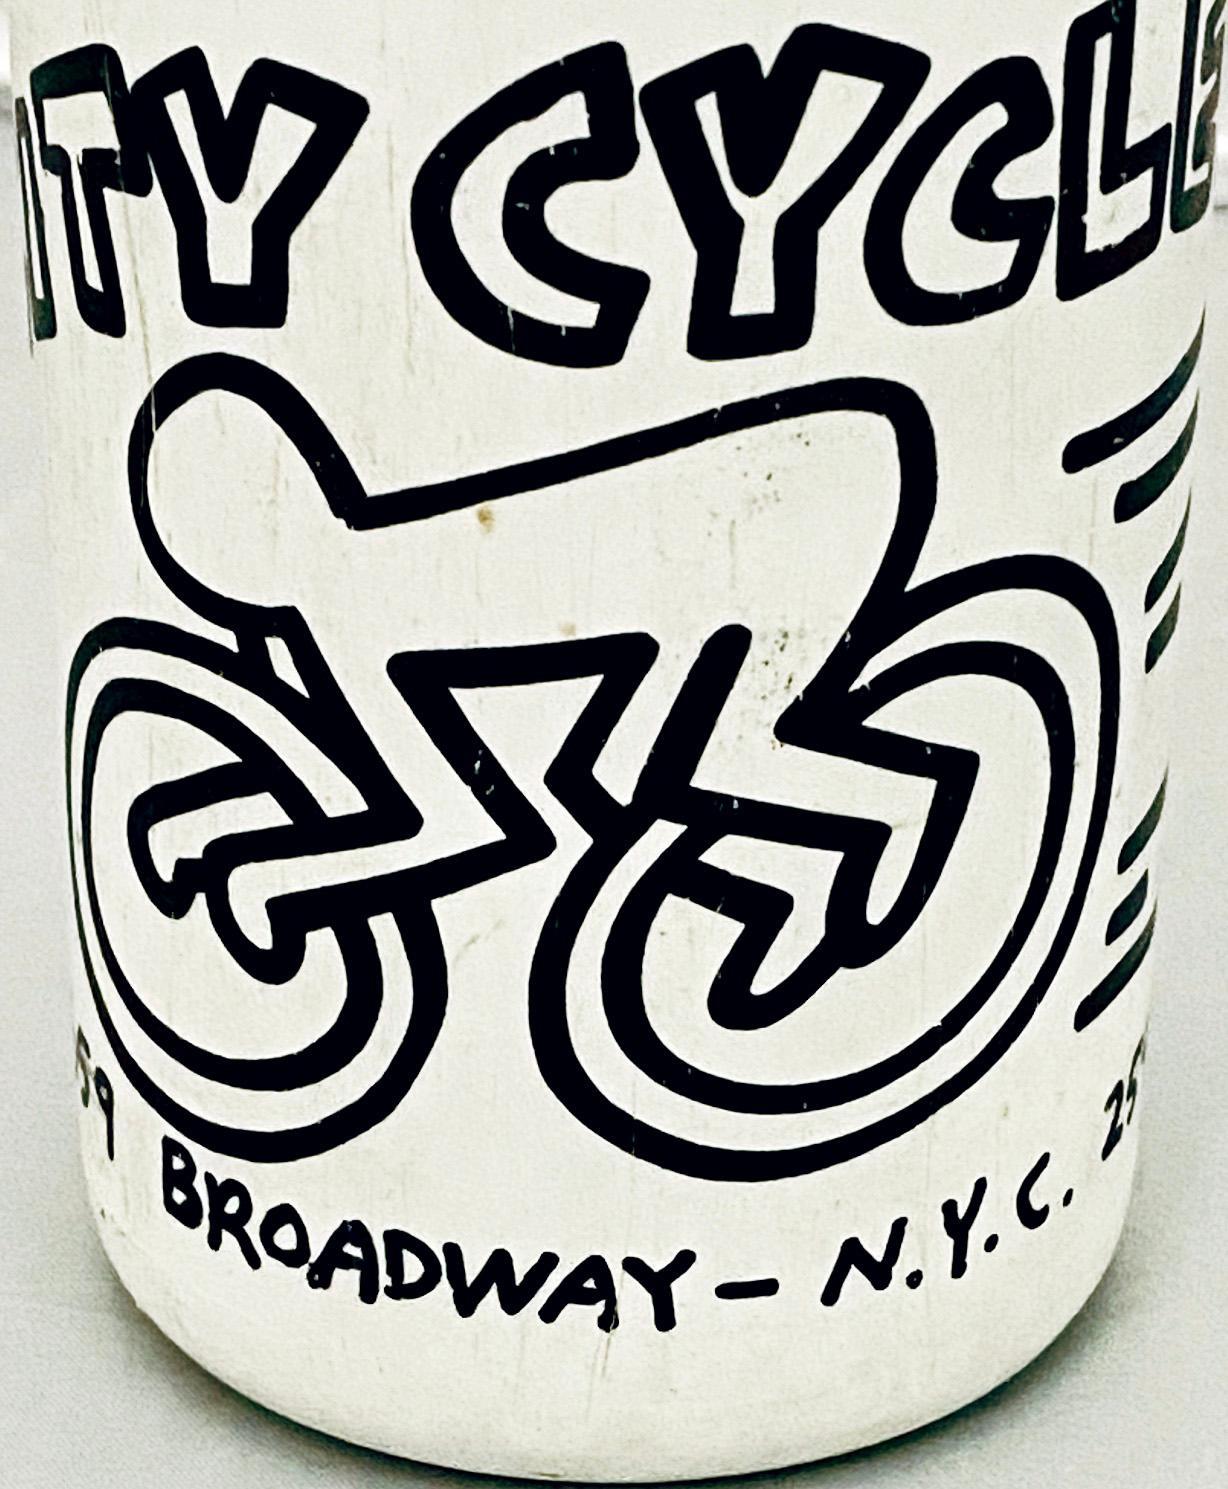 Keith Haring City Cycles 1985 (vintage Keith Haring city cycles)